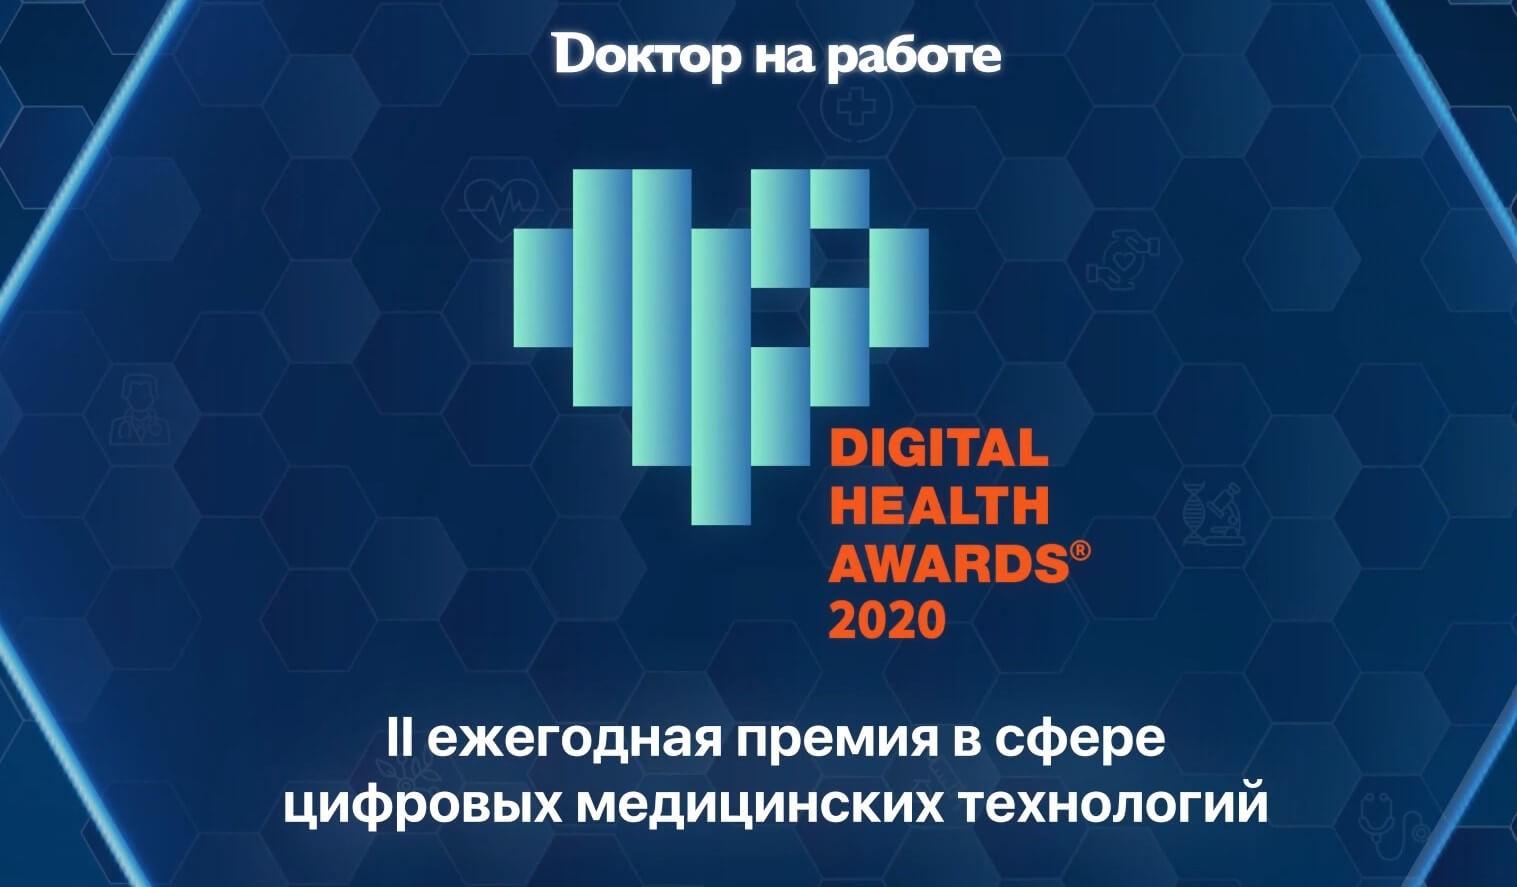 """ФармПринт стал победителем DigitalHealth Awards в номинации """"Стартап года"""""""